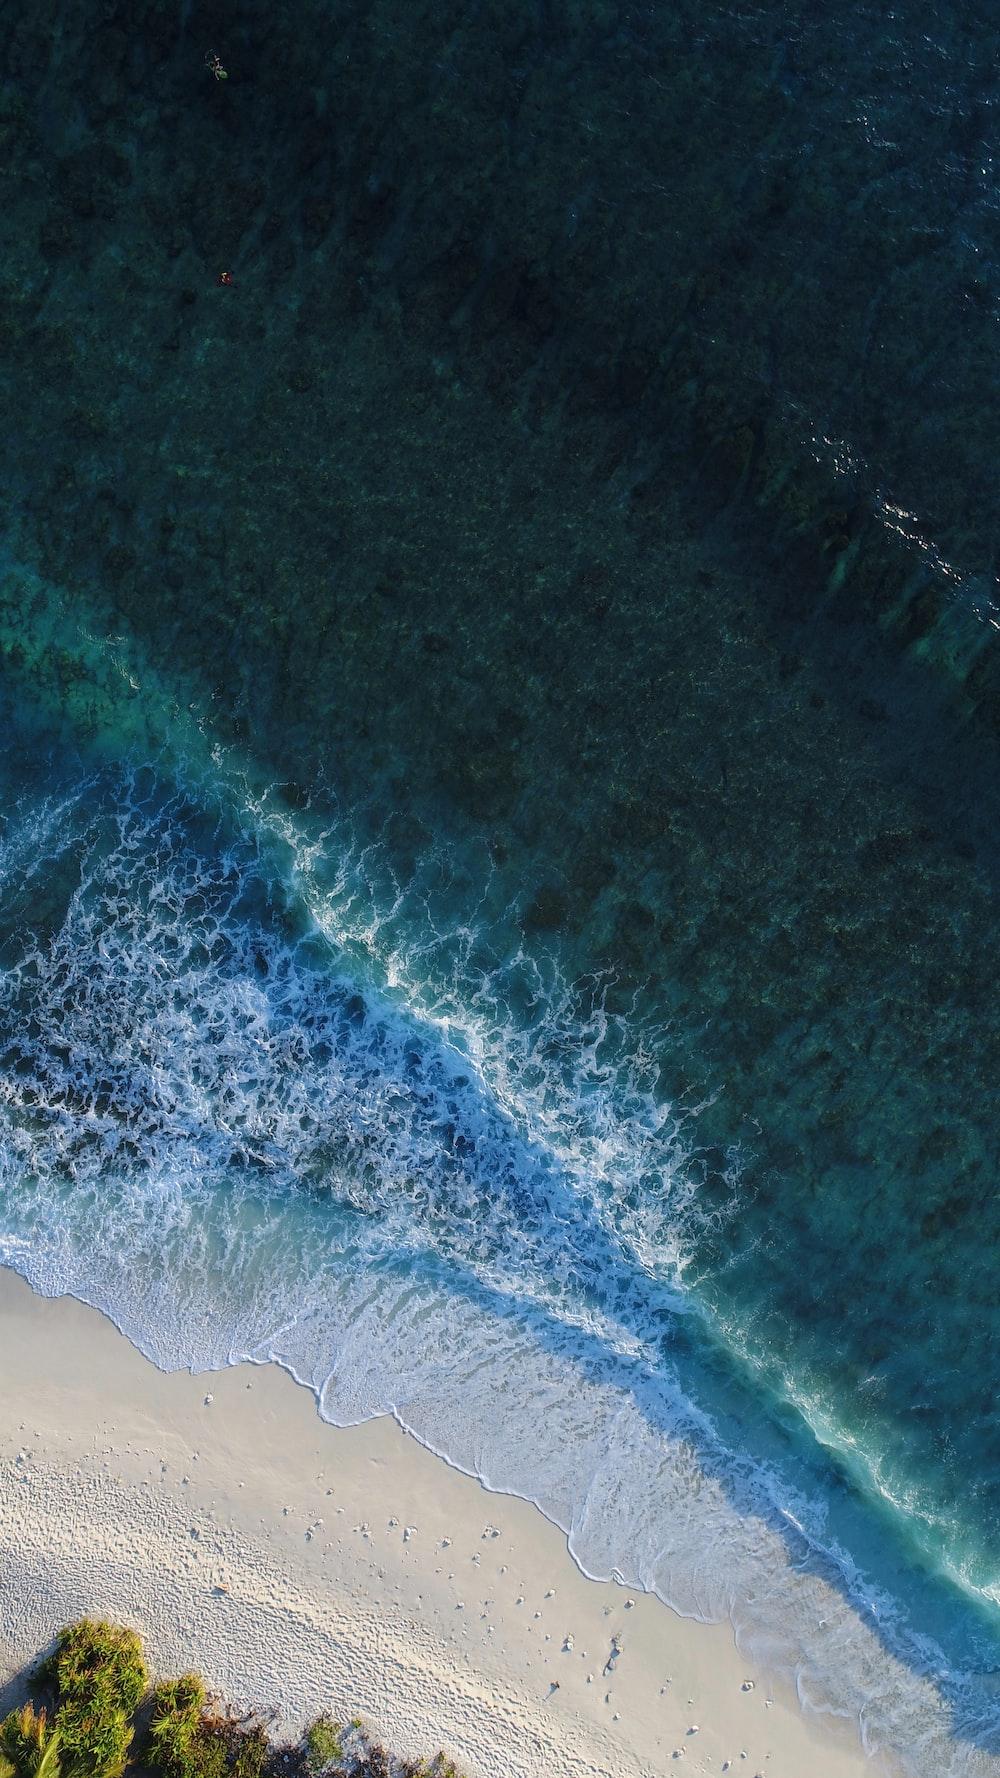 [Full HD] Ảnh nền biển cả siêu đẹp Photo-1499202189329-5d76e29aa2b6?ixlib=rb-1.2